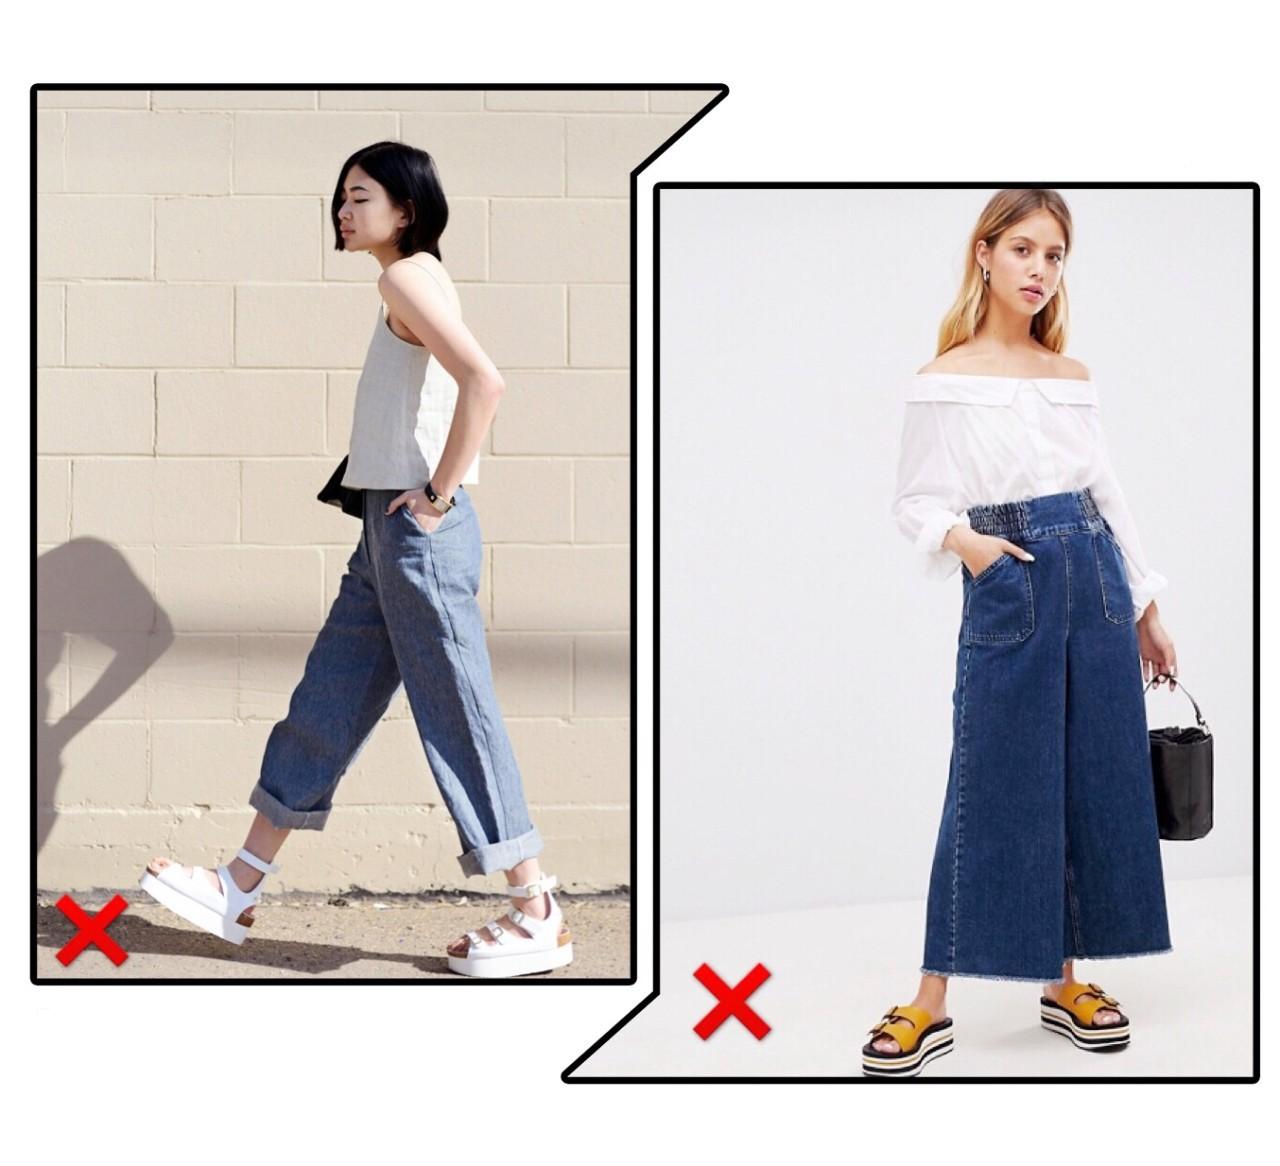 Sắm giày mùa sale: 6 kiểu nên và không nên mua mà chị em công sở cần biết nhất lúc này - Ảnh 1